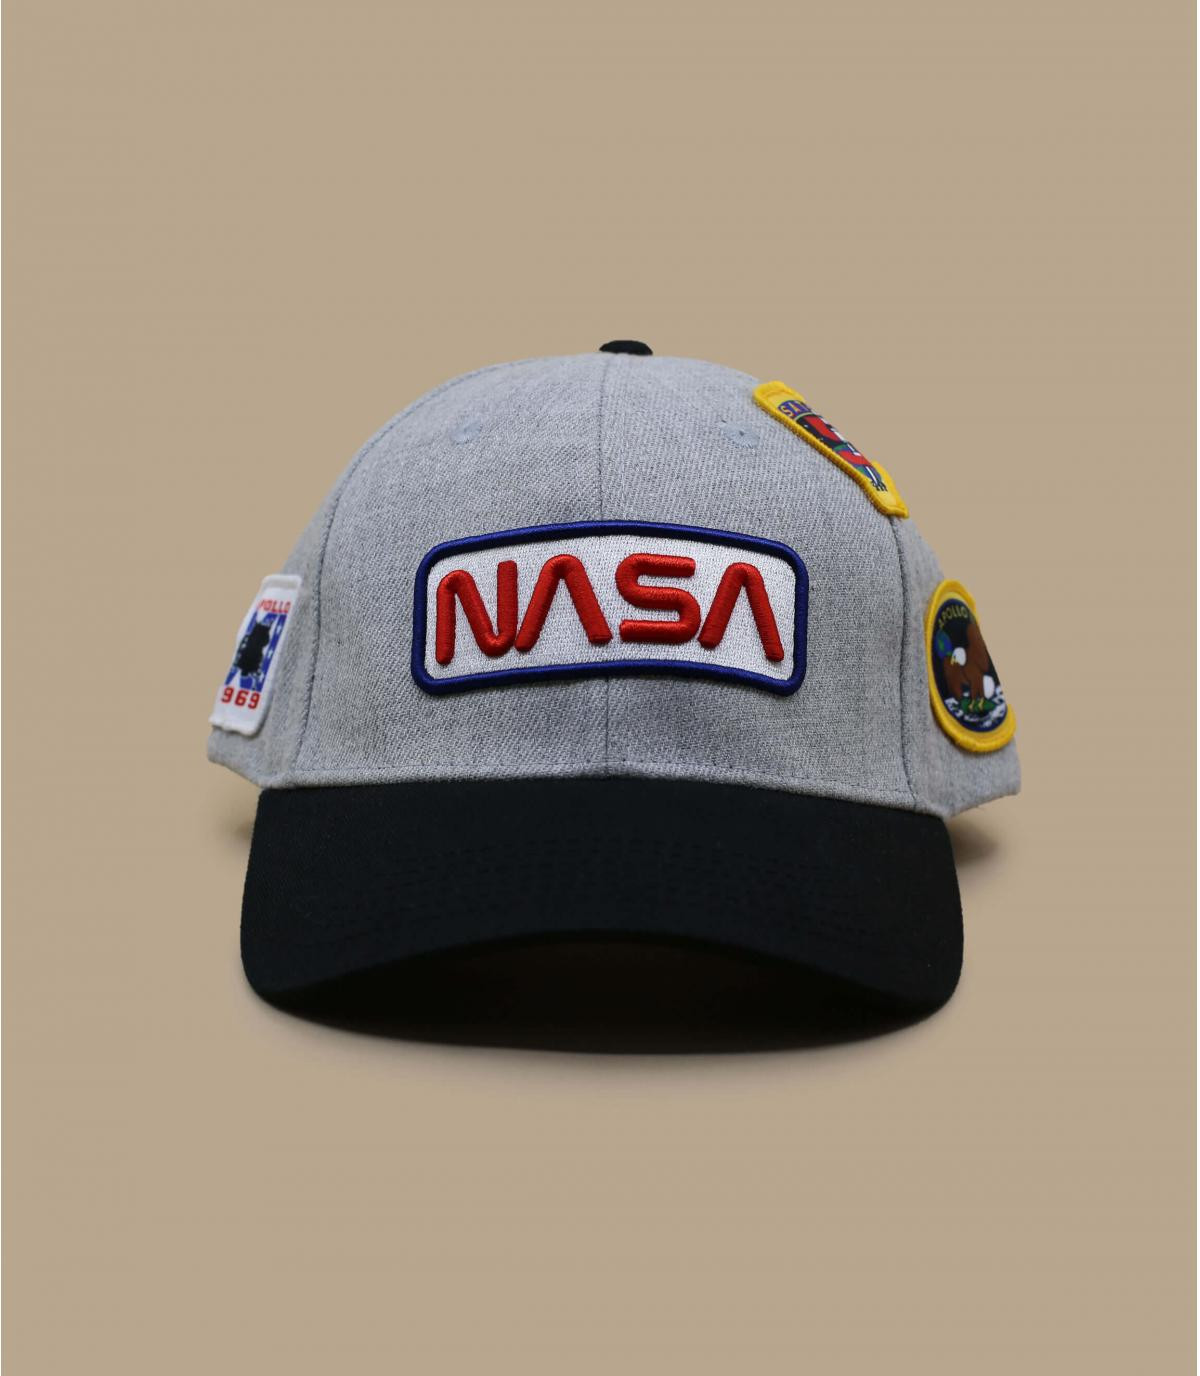 grey and black NASA cap